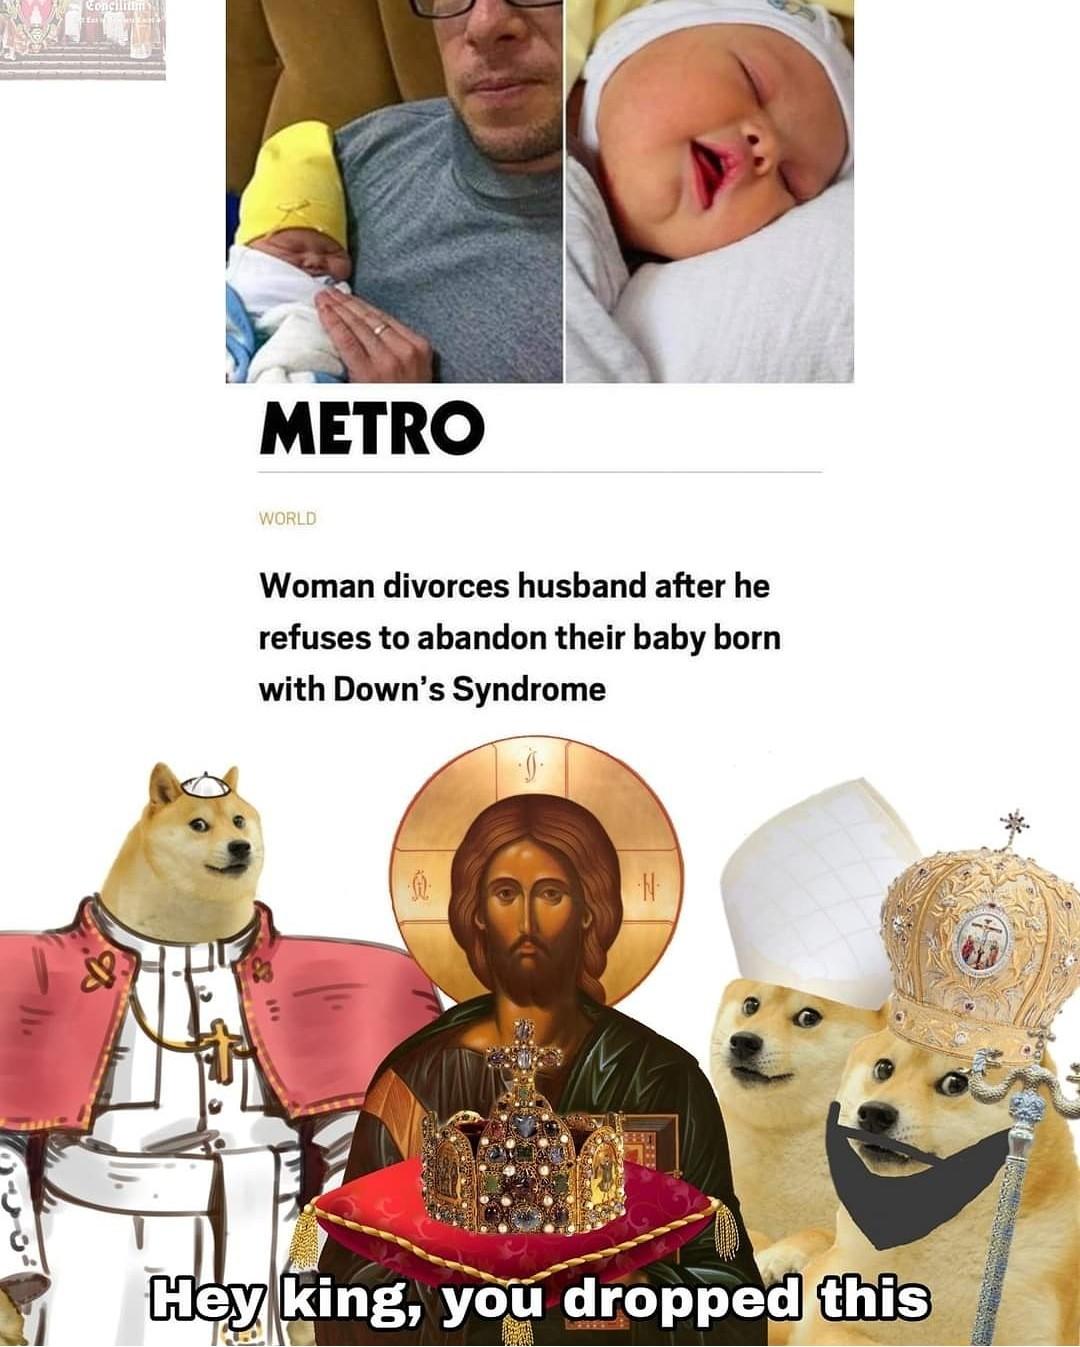 Whore - meme